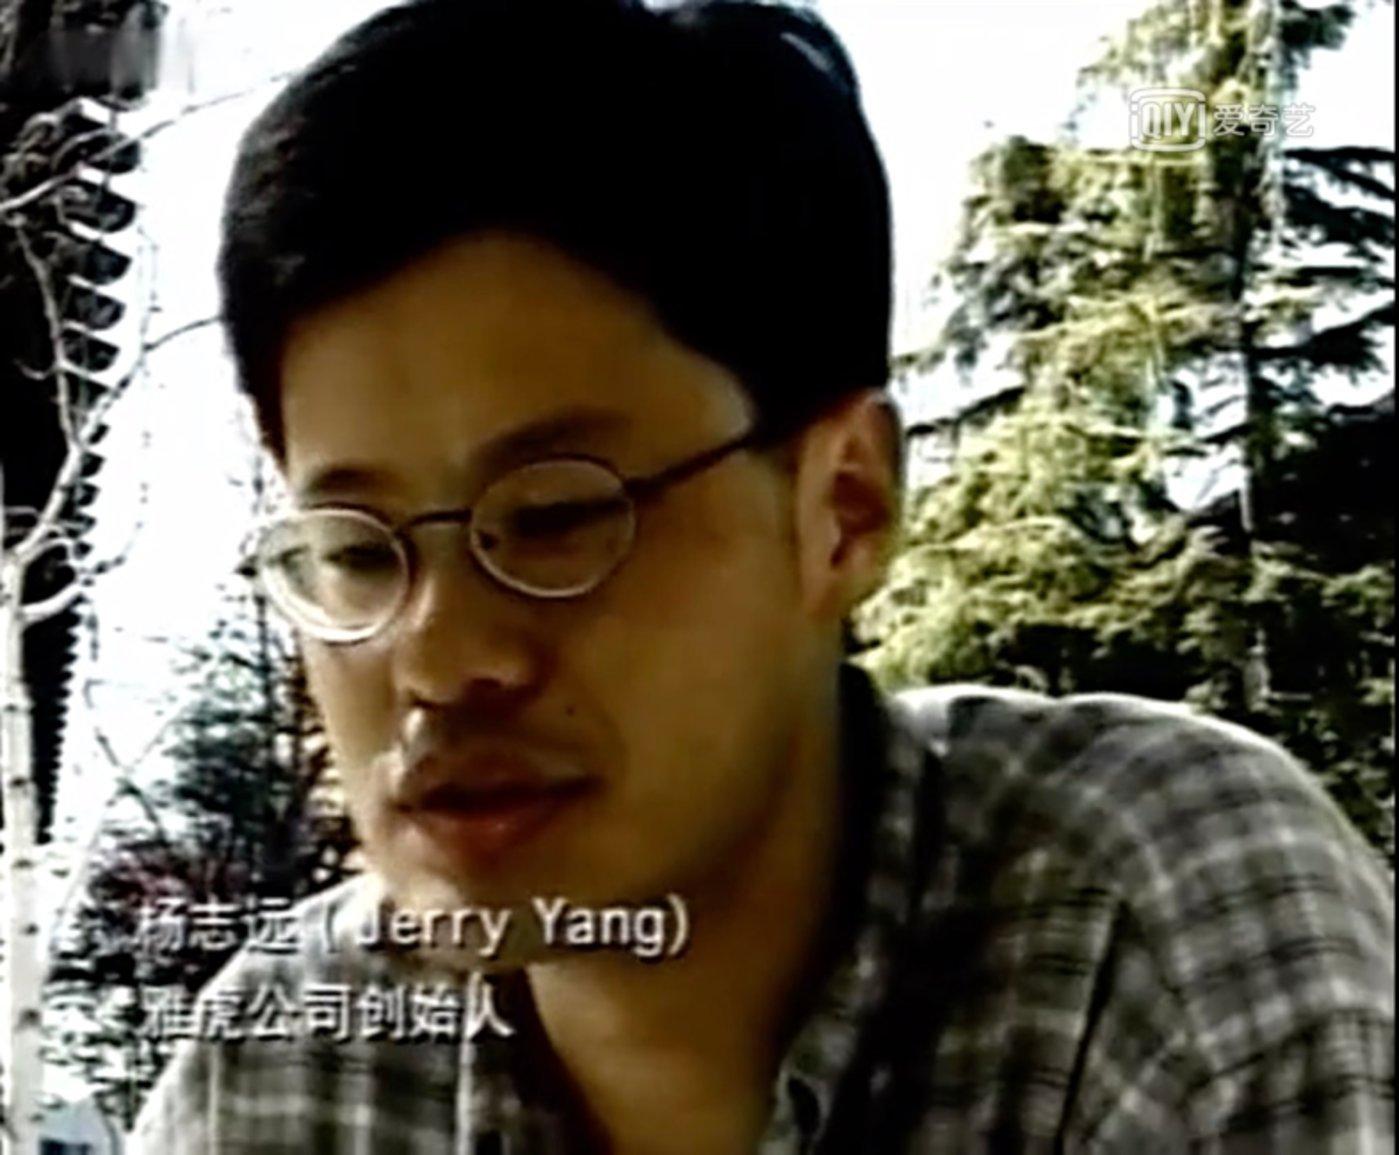 《走进硅谷》纪录片结尾杨致远采访画面,当时坐在他对面提问的正是李彦宏。